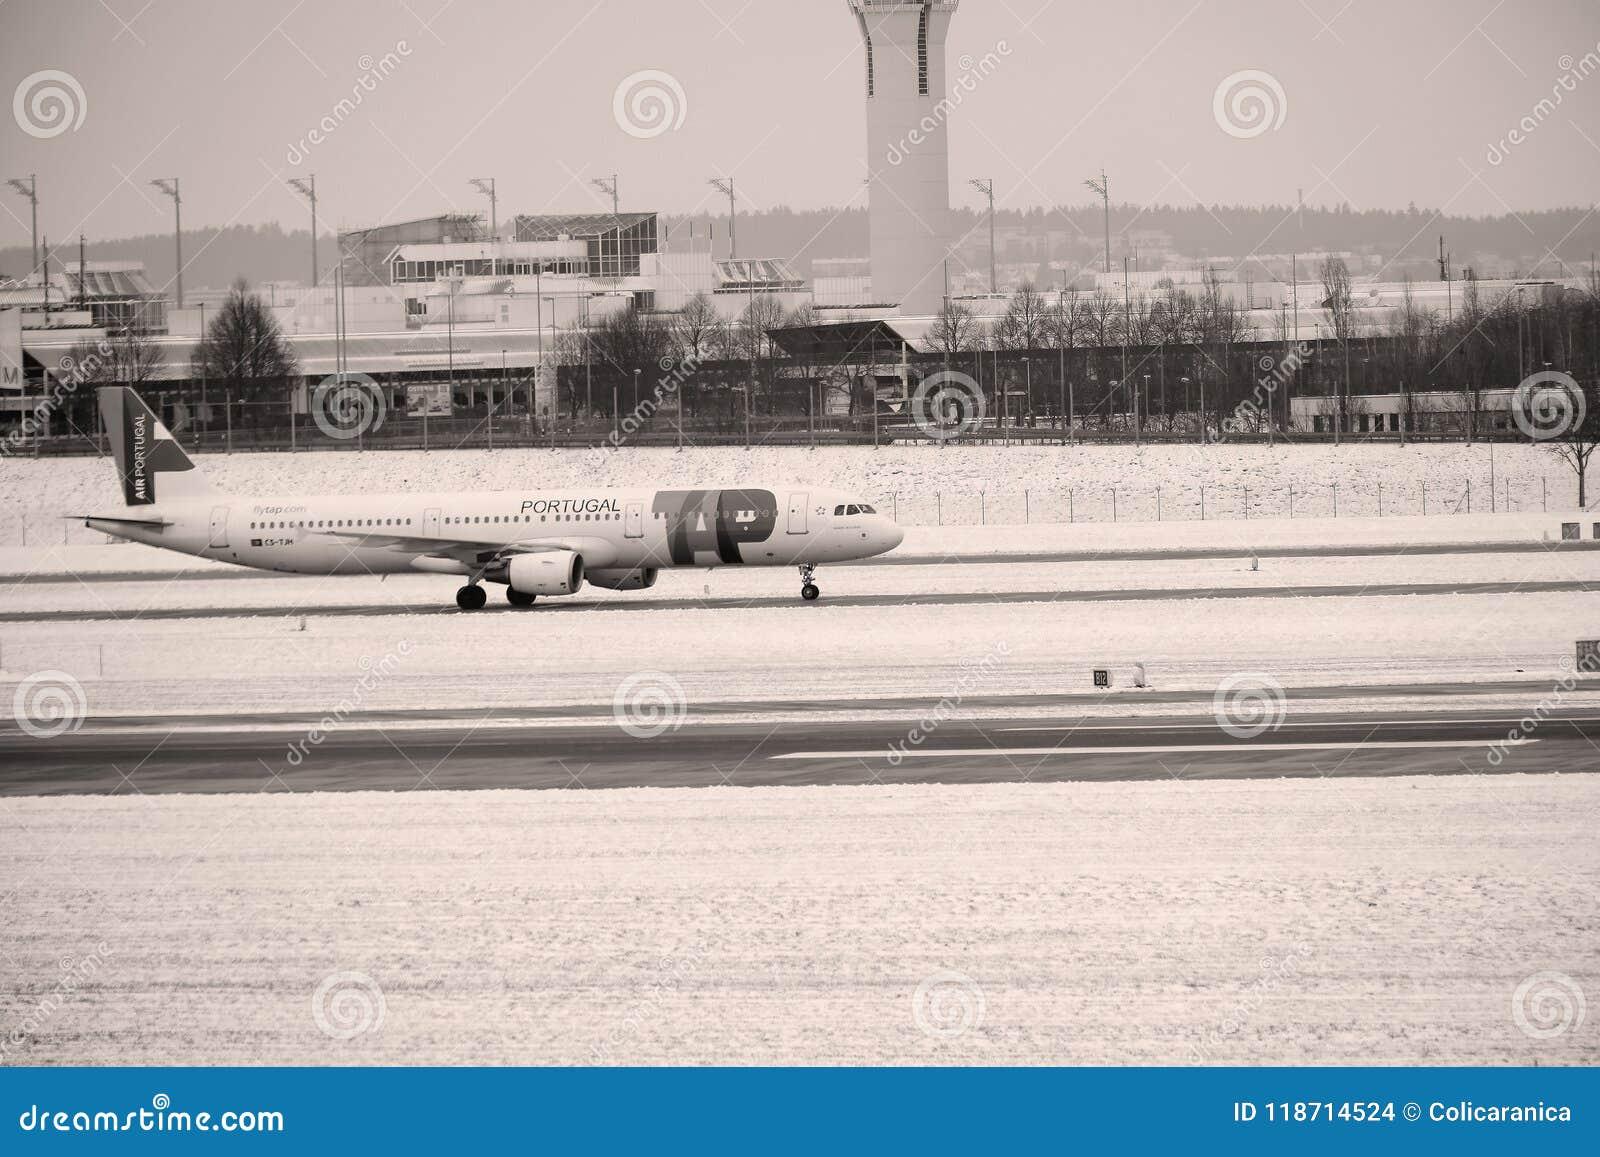 KRANOWY Lotniczy Portugalia samolot na pasie startowym w Monachium lotnisku, Niemcy, zima czas z śniegiem